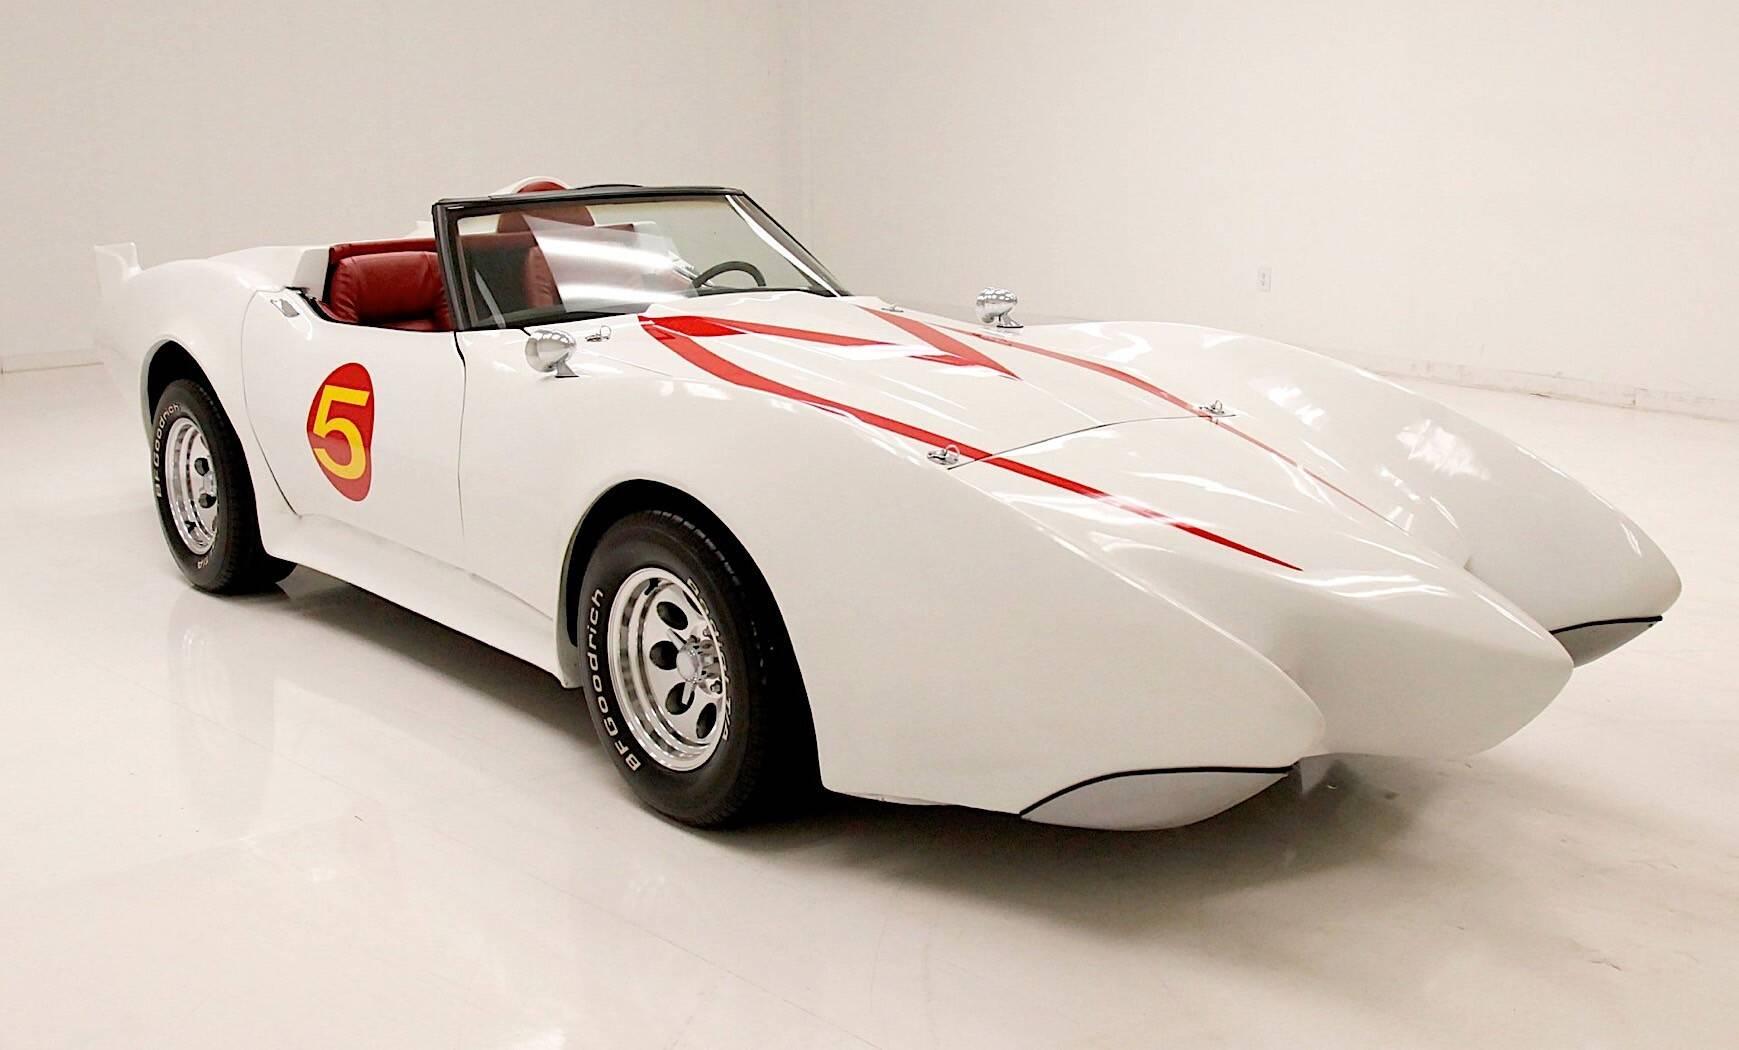 Corvette 1979 Mach 5 Speed Racer. Foto: Divulgação